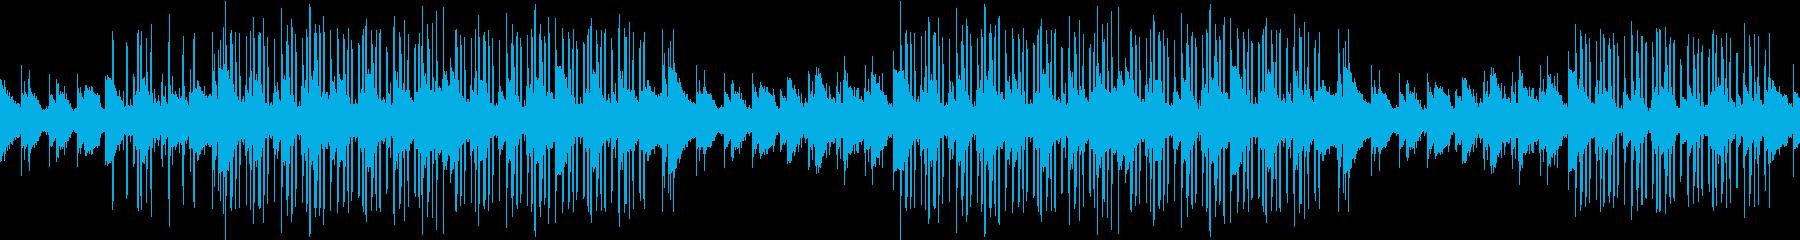 綺麗・ピアノ・お洒落・夜・センチ・ループの再生済みの波形